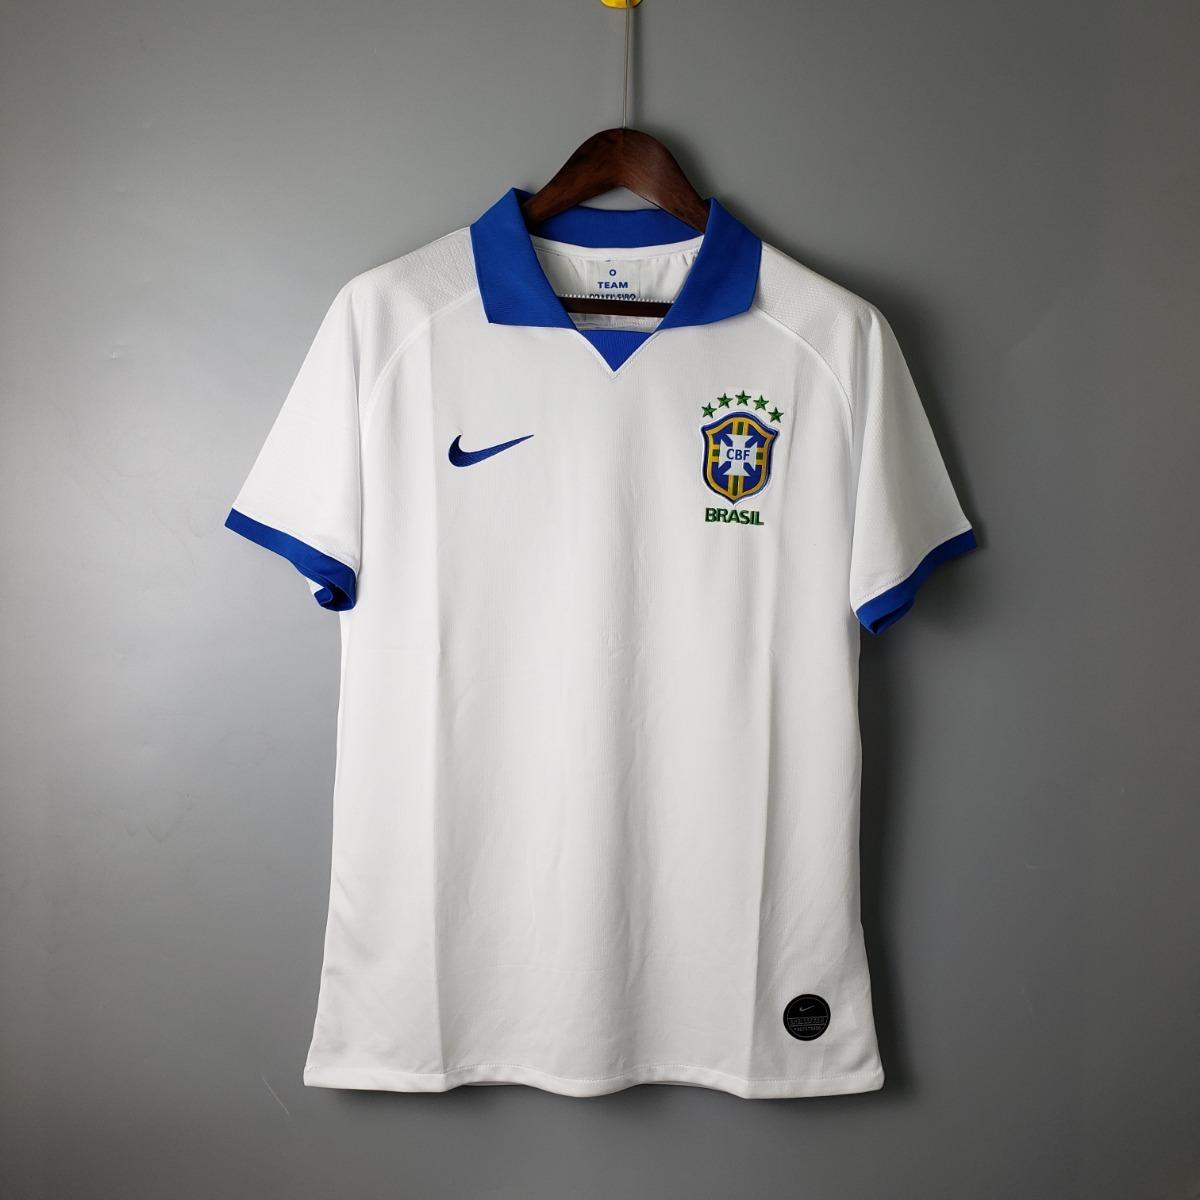 4e6d9694f7958 camisa nike brasil comemorativa copa américa 2019 torcedor. Carregando zoom.